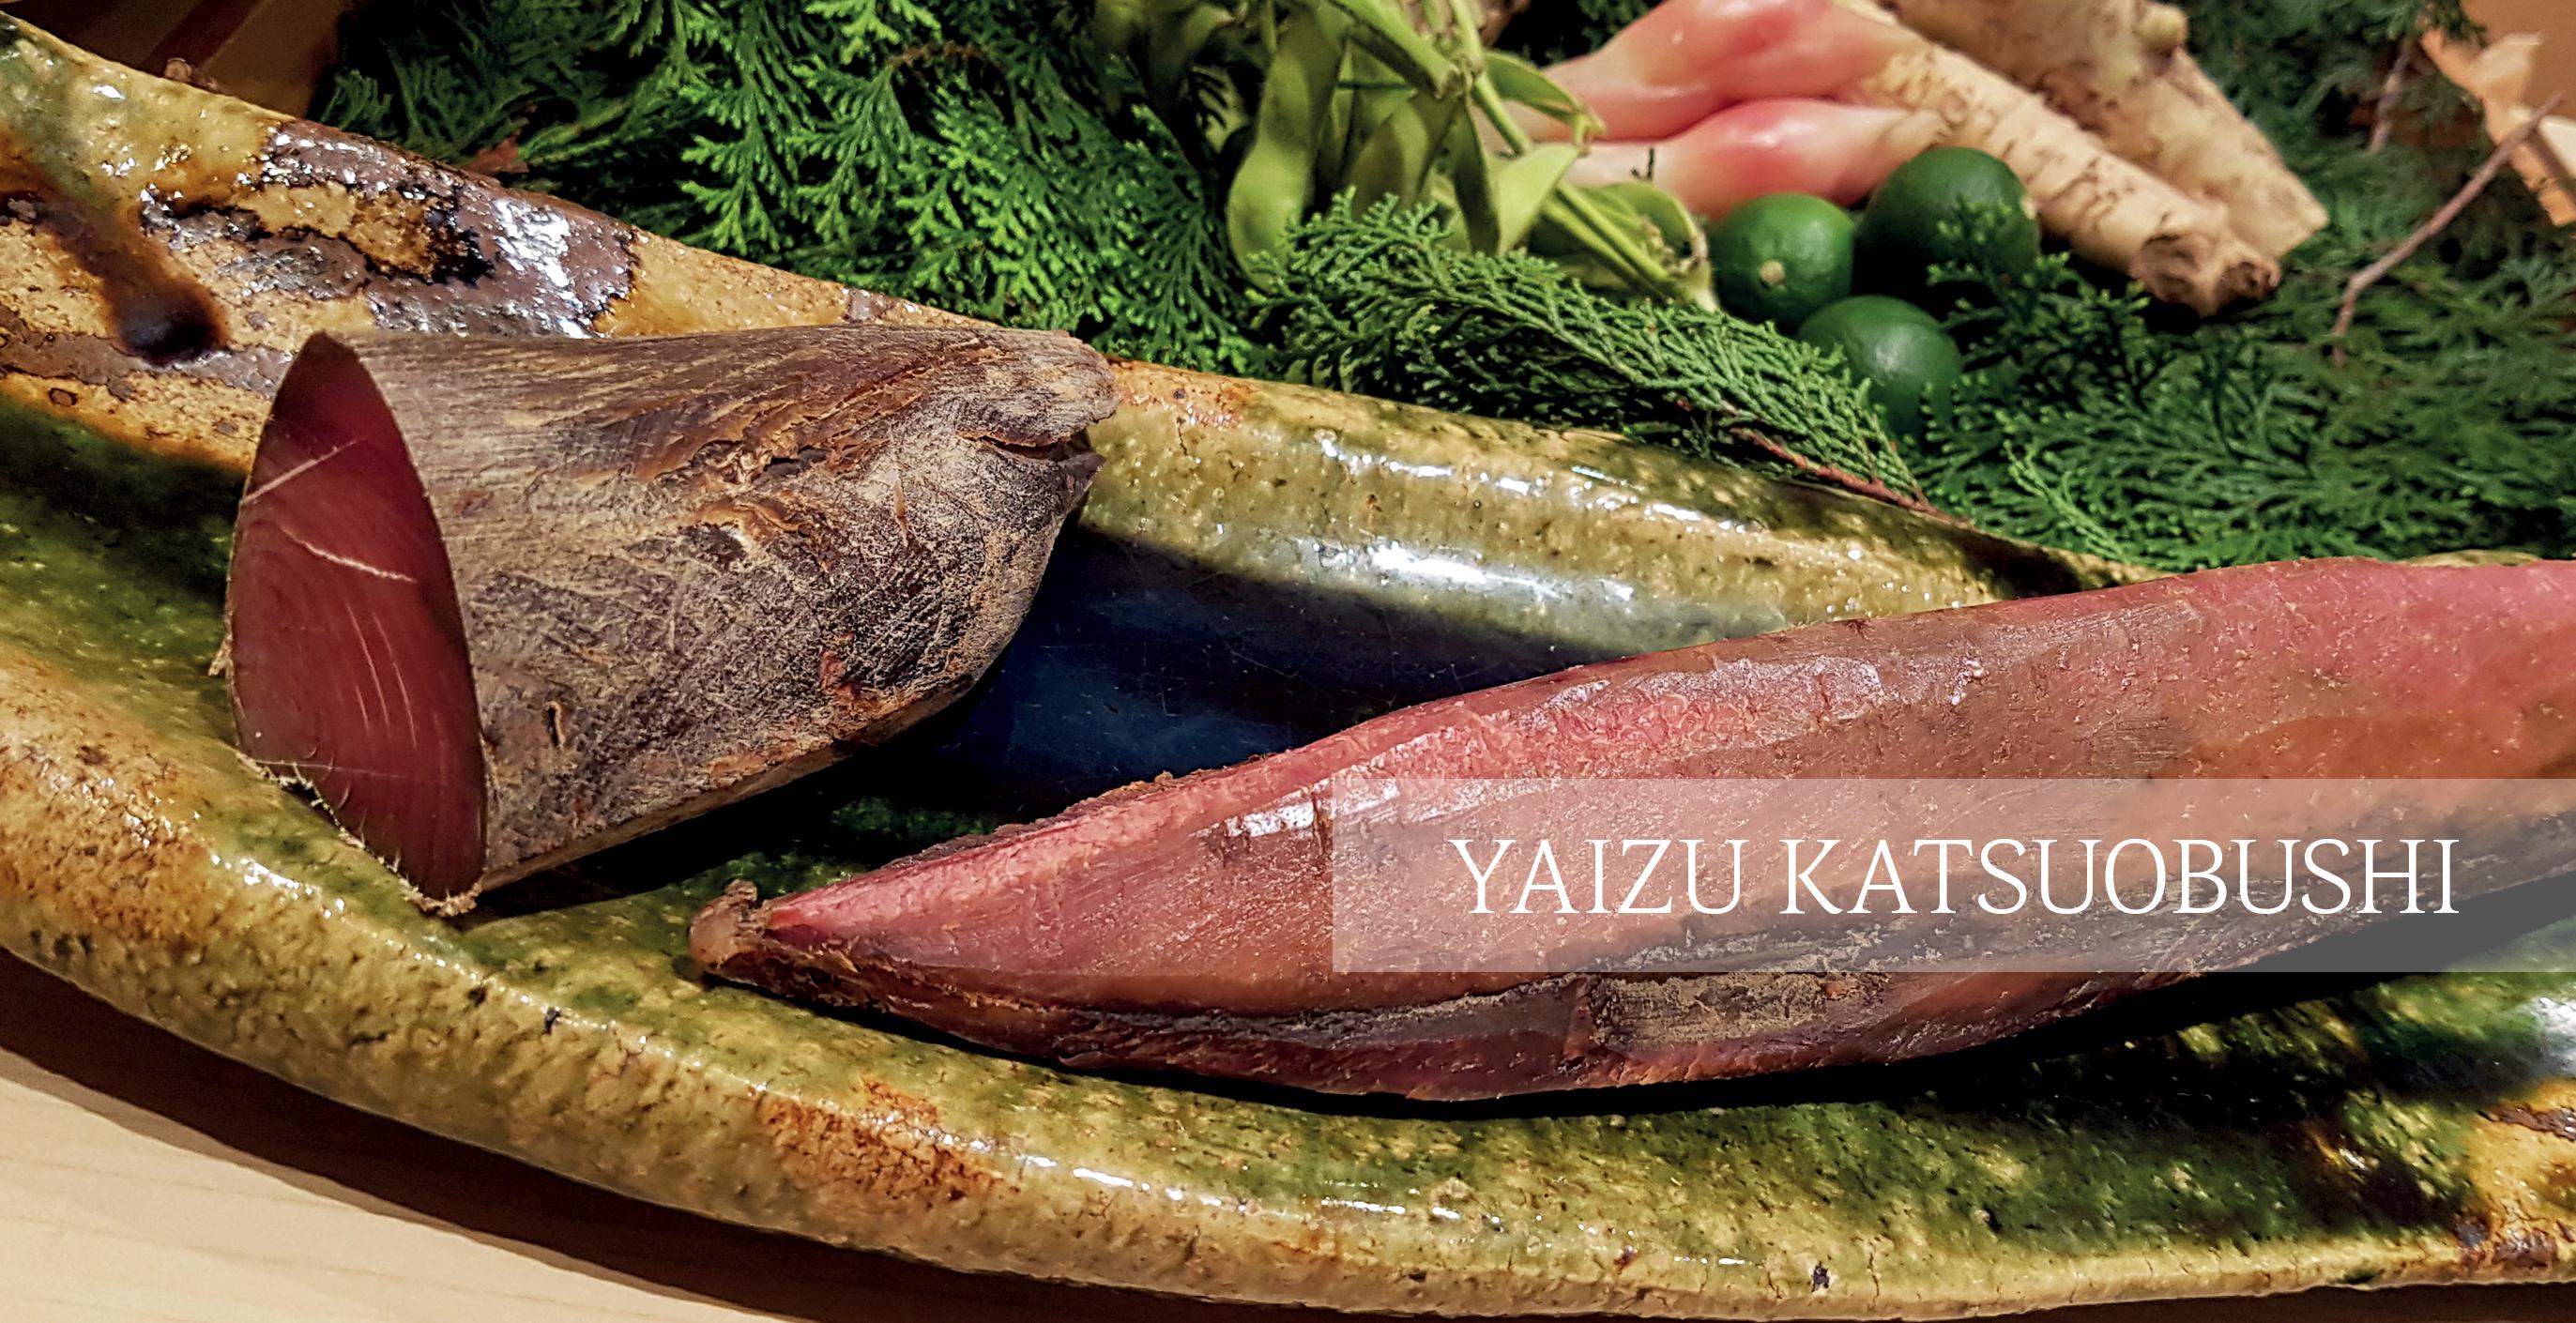 Yaizu Katsuobushi